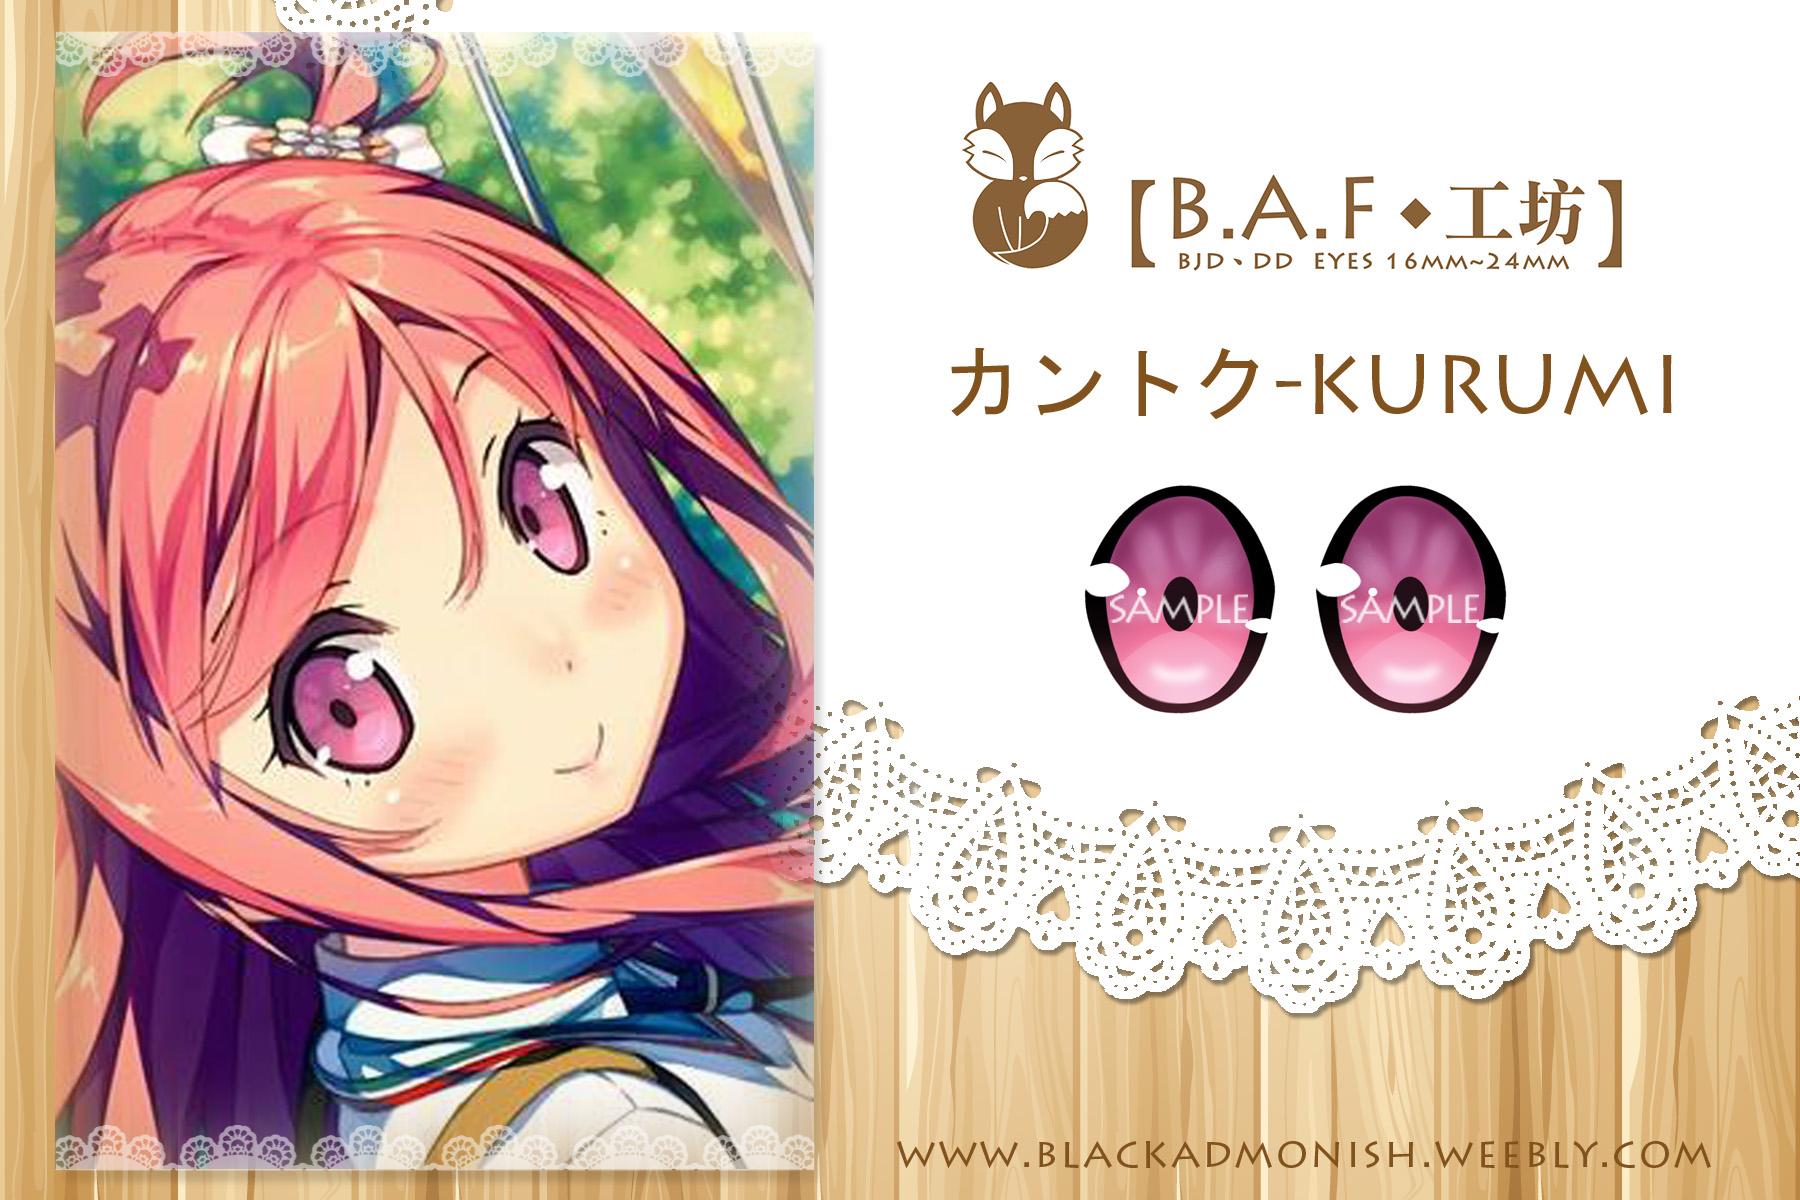 訂製眼-カントク-KURUMI